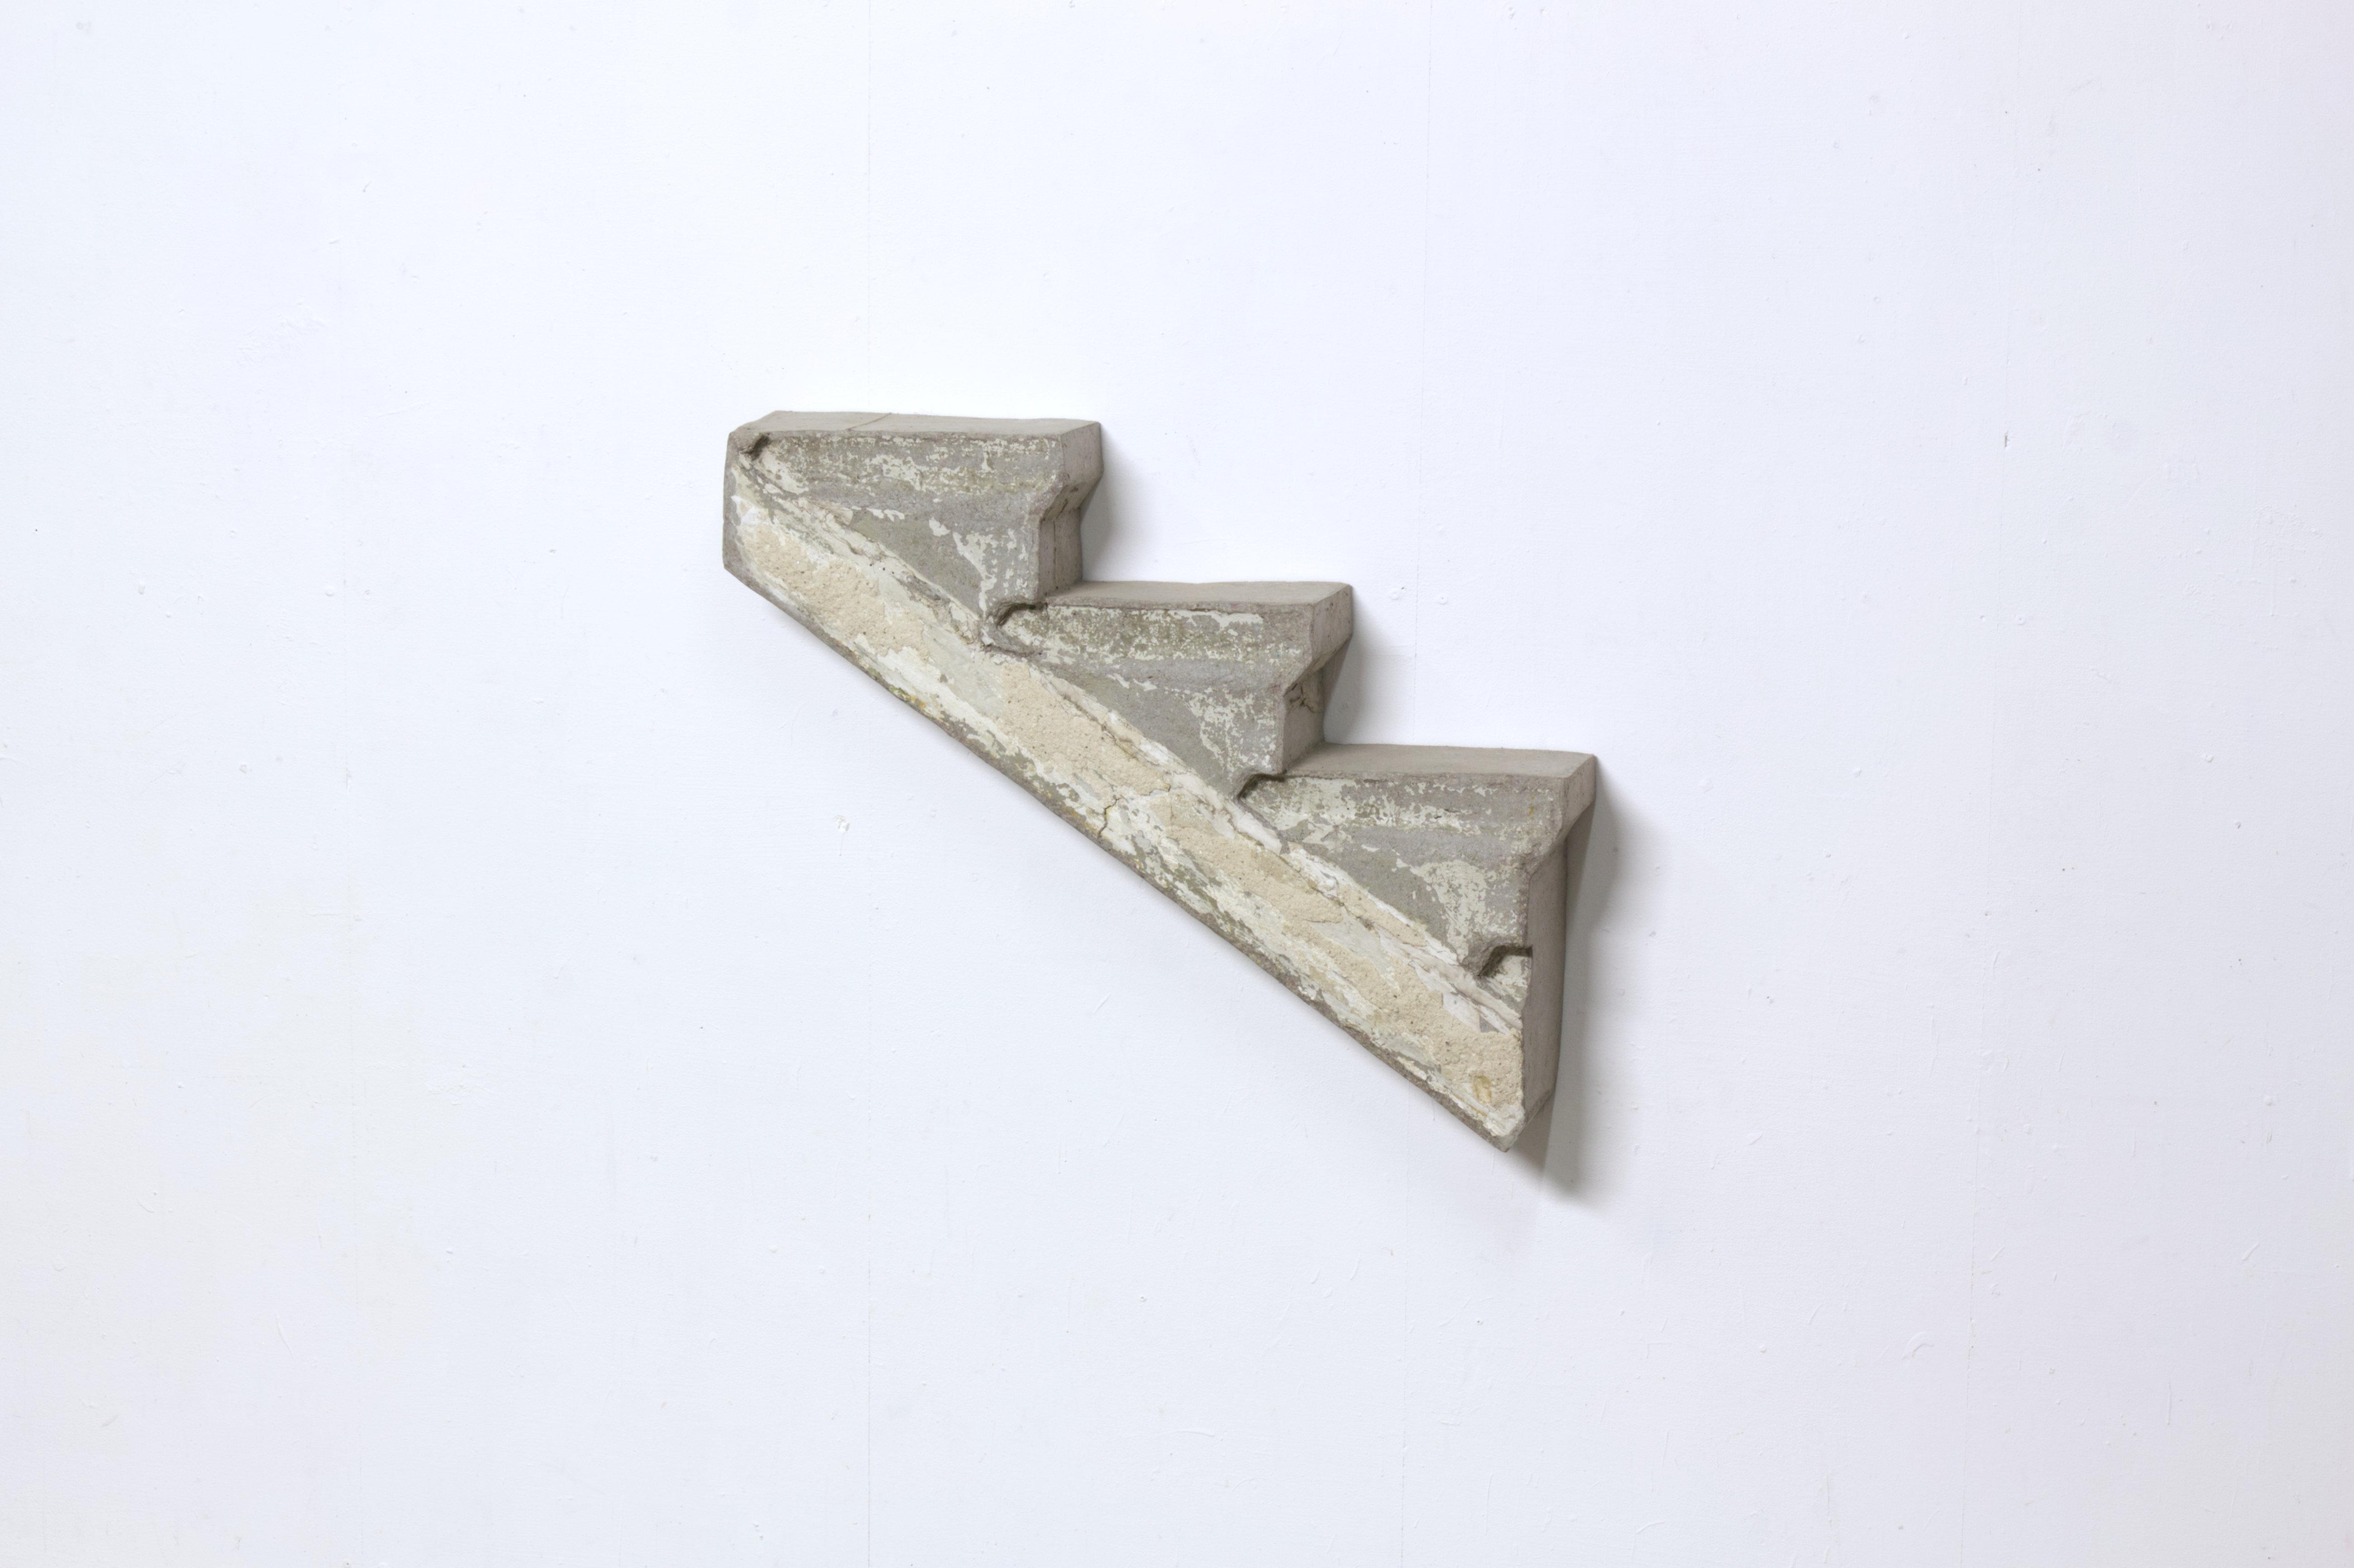 treppe-_-2020-_-Papermachewallimprints-100cm-50cm-25cm_IMG_9311